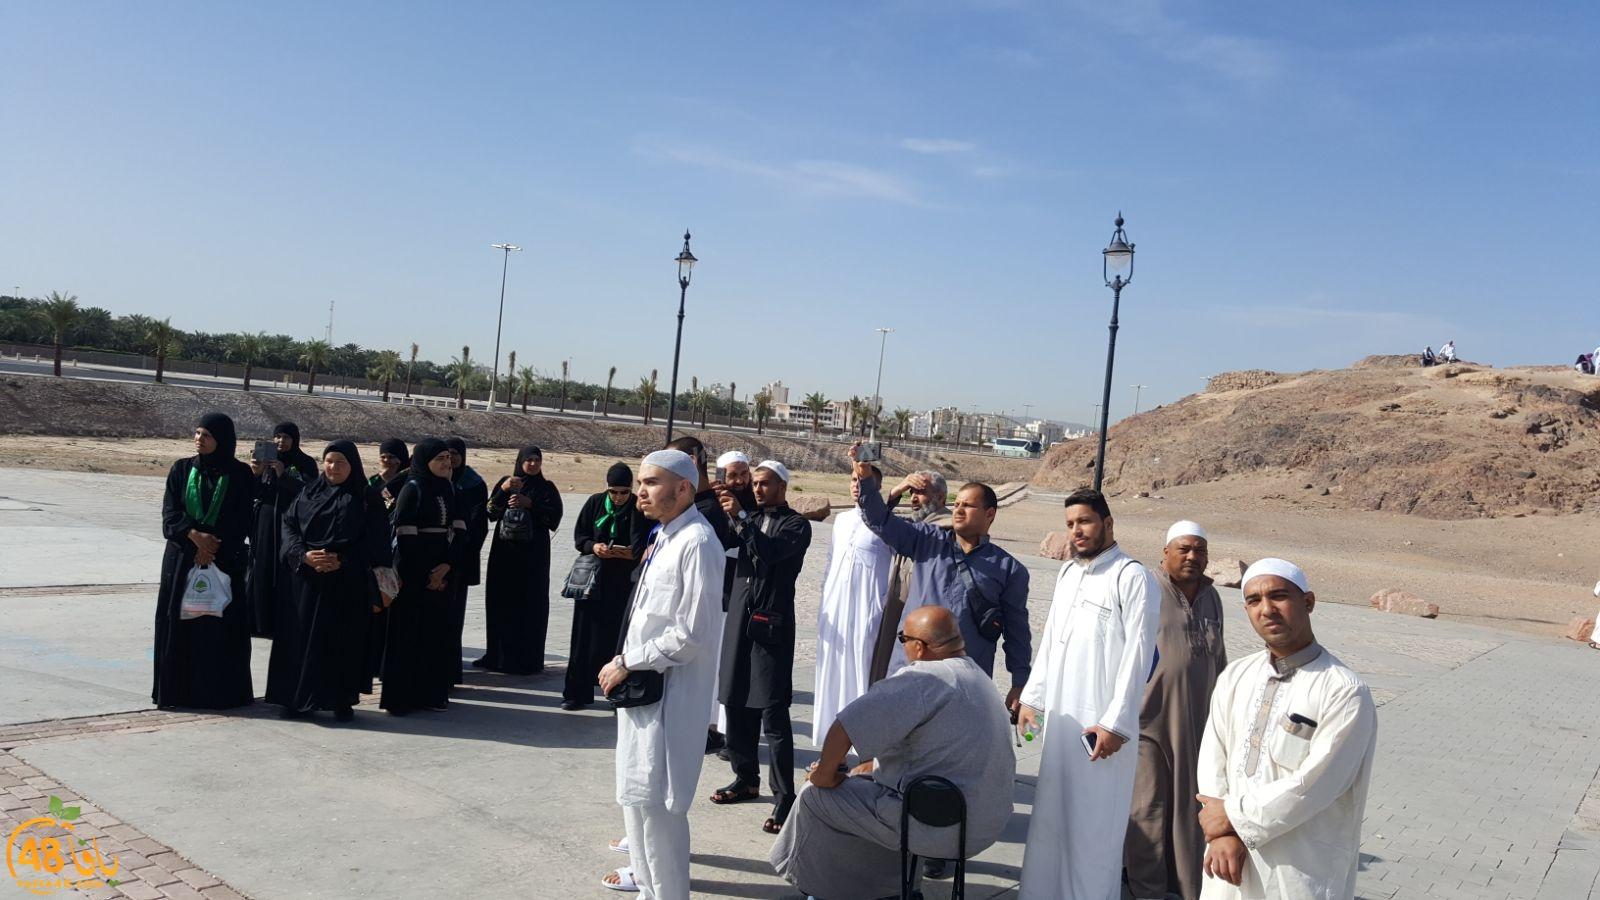 صور لمعتمري اللد والرملة أثناء تواجدهم في المدينة المنوّرة